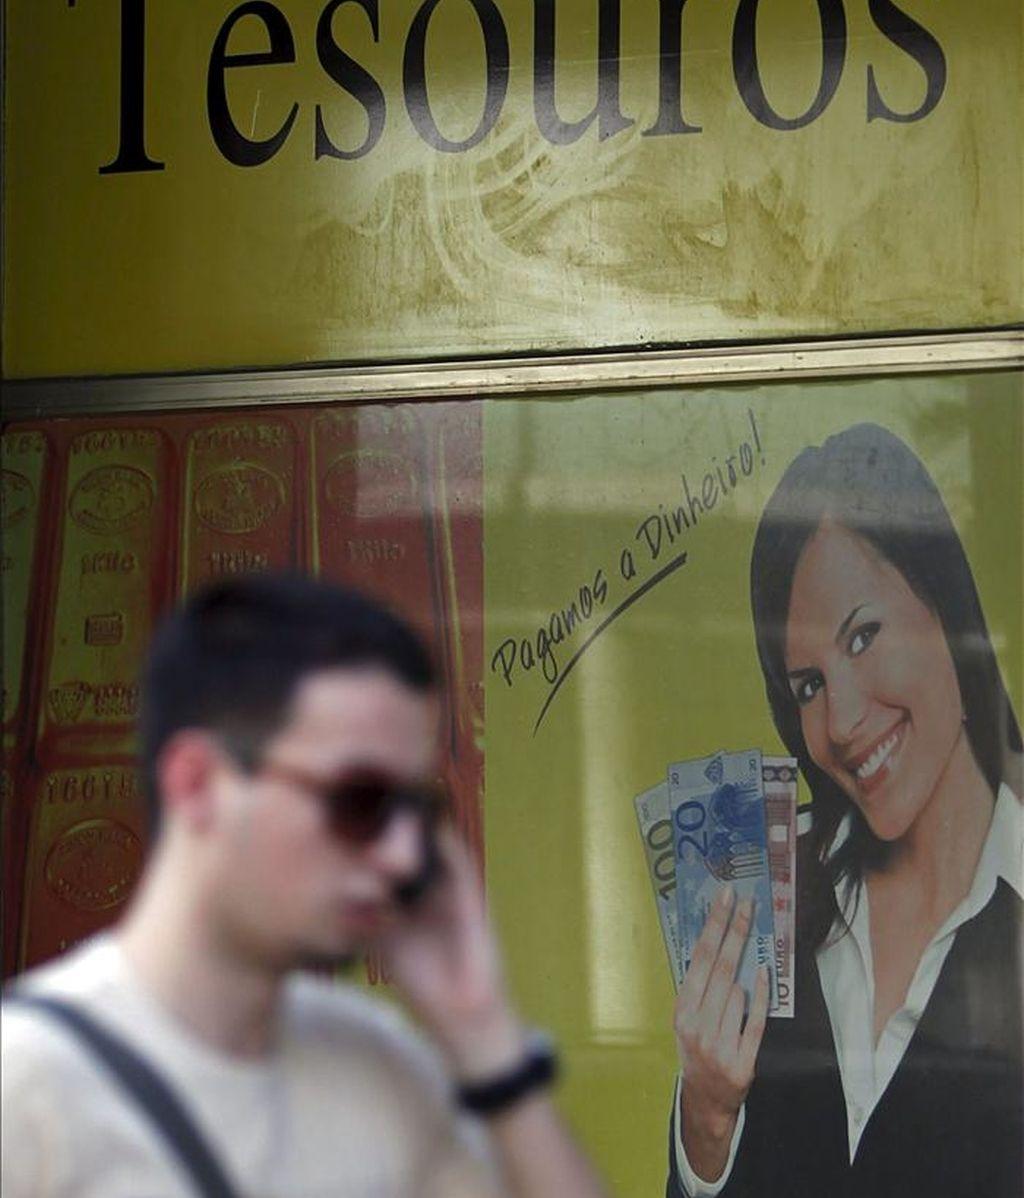 Un hombre habla por teléfono mientras pasa delante de una tienda en la que se compra oro en Lisboa, Portugal. EFE/Archivo